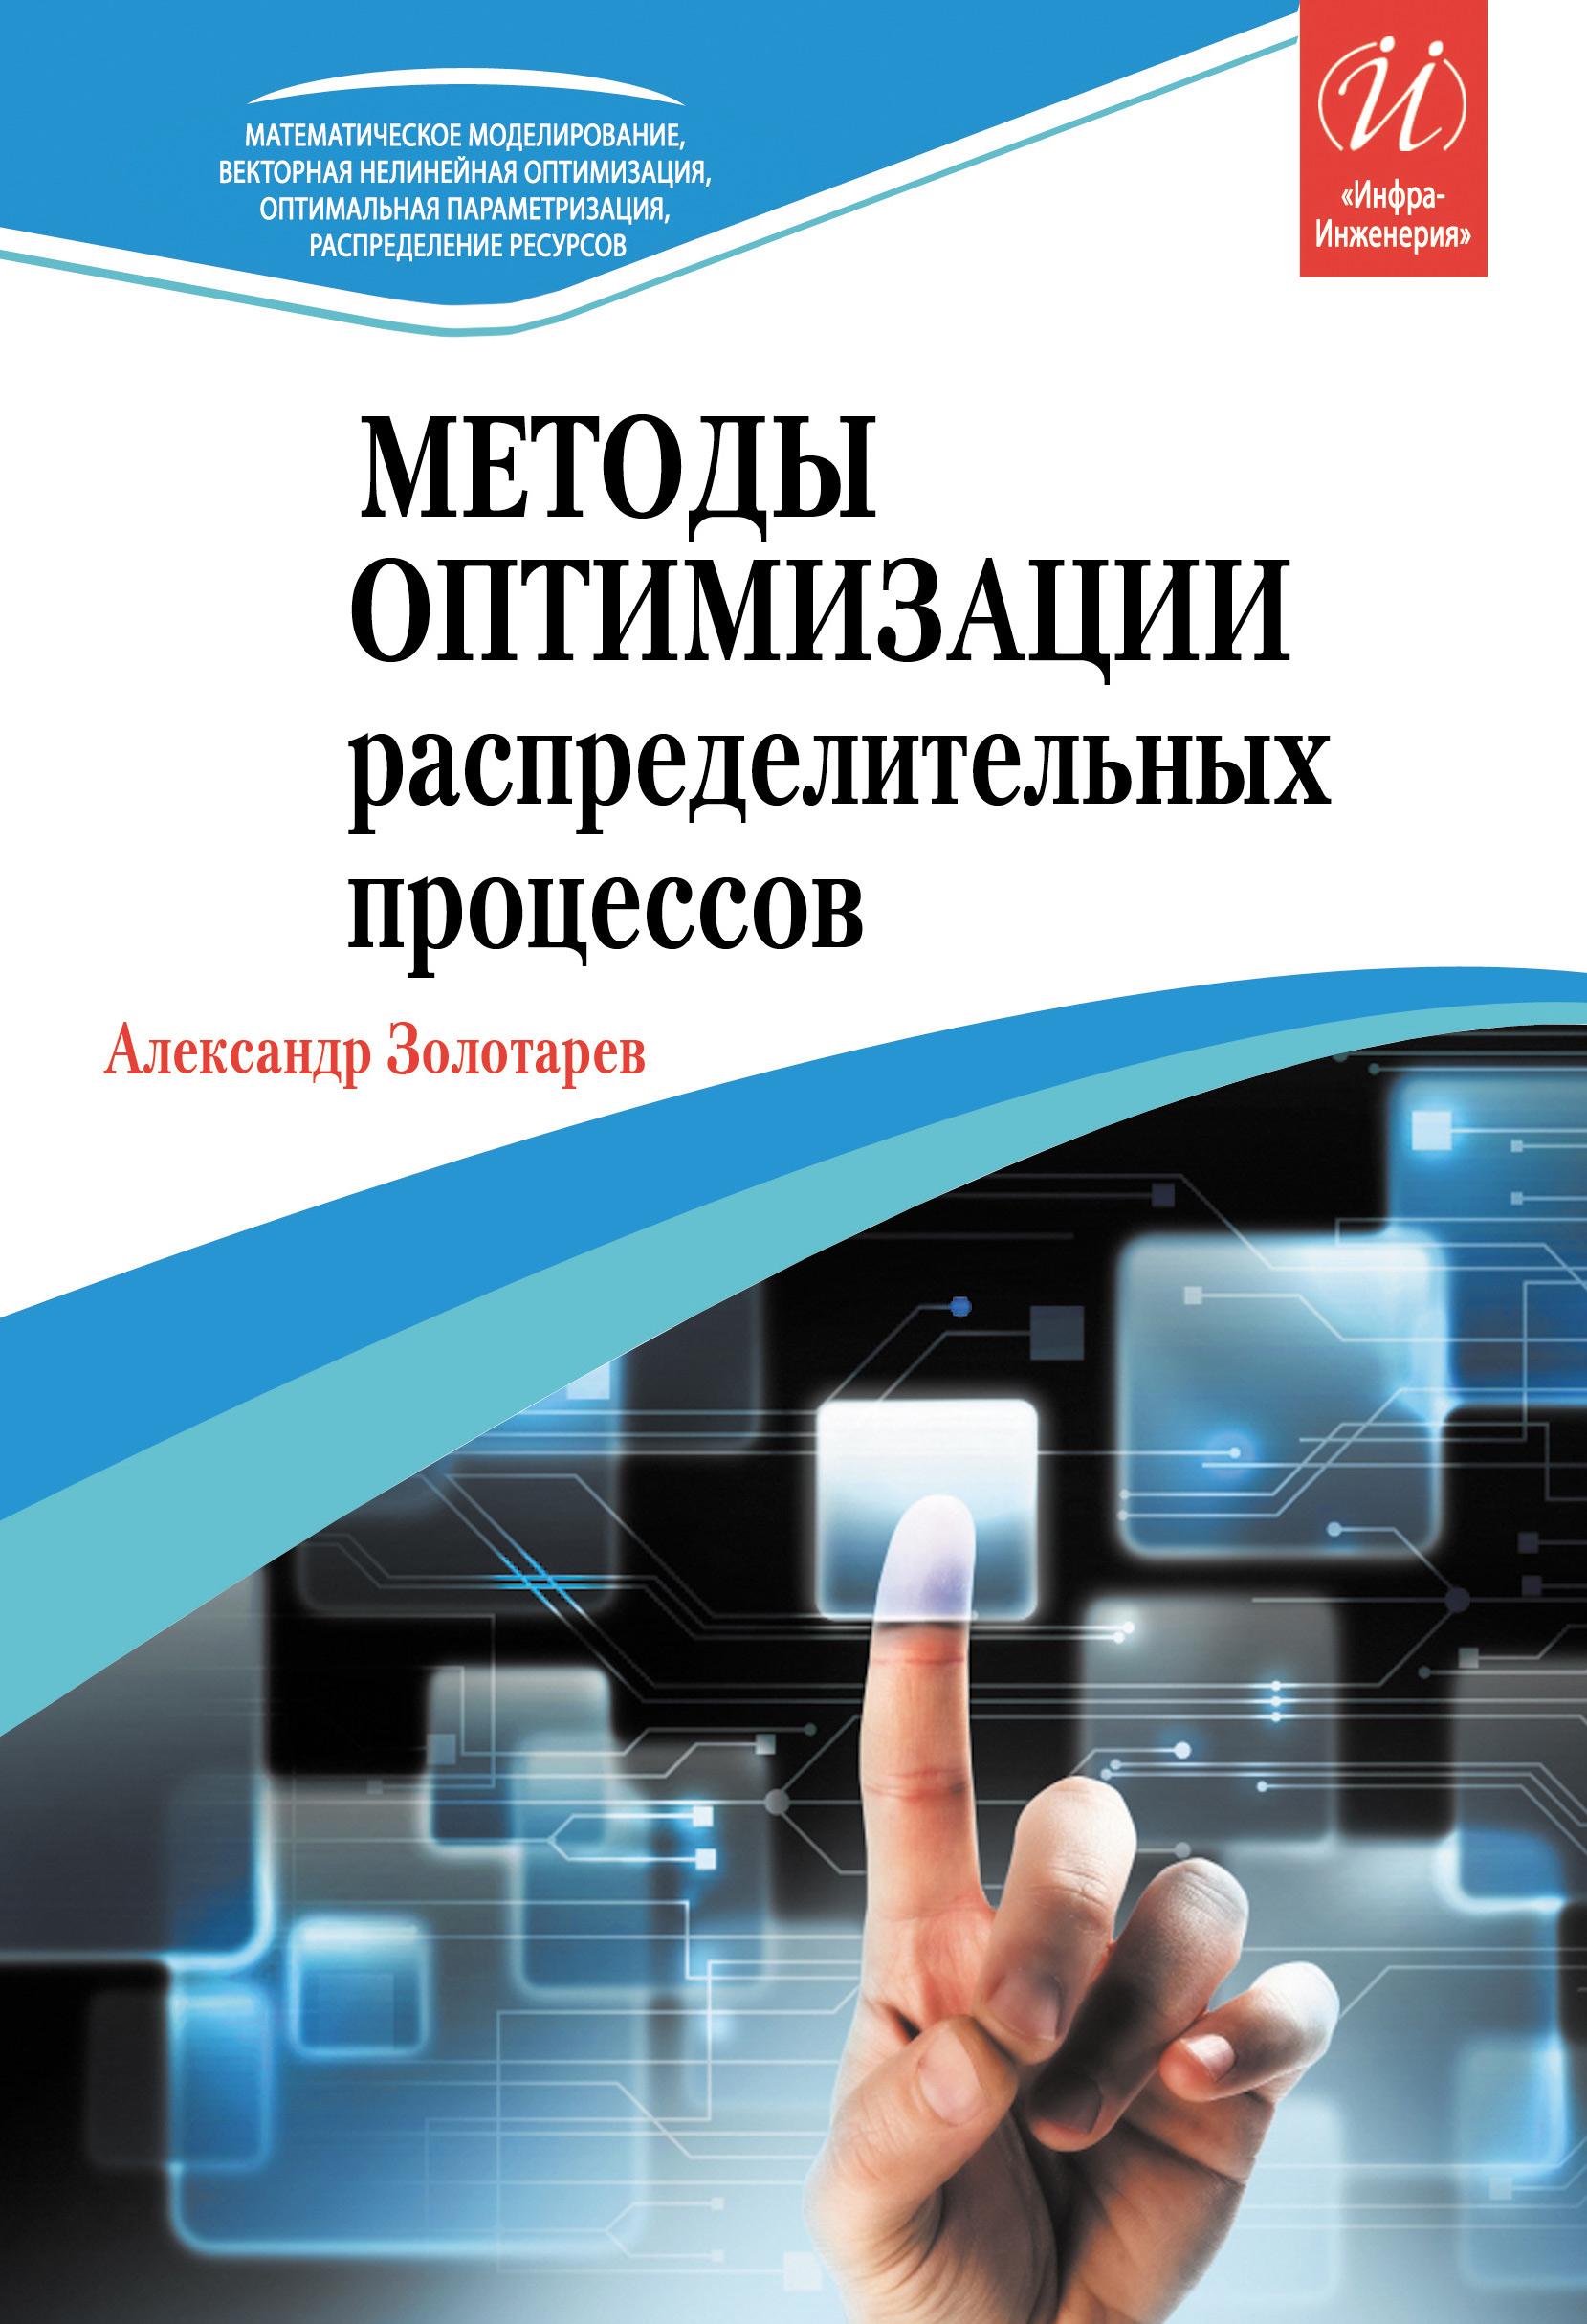 Александр Золотарев Методы оптимизации распределительных процессов